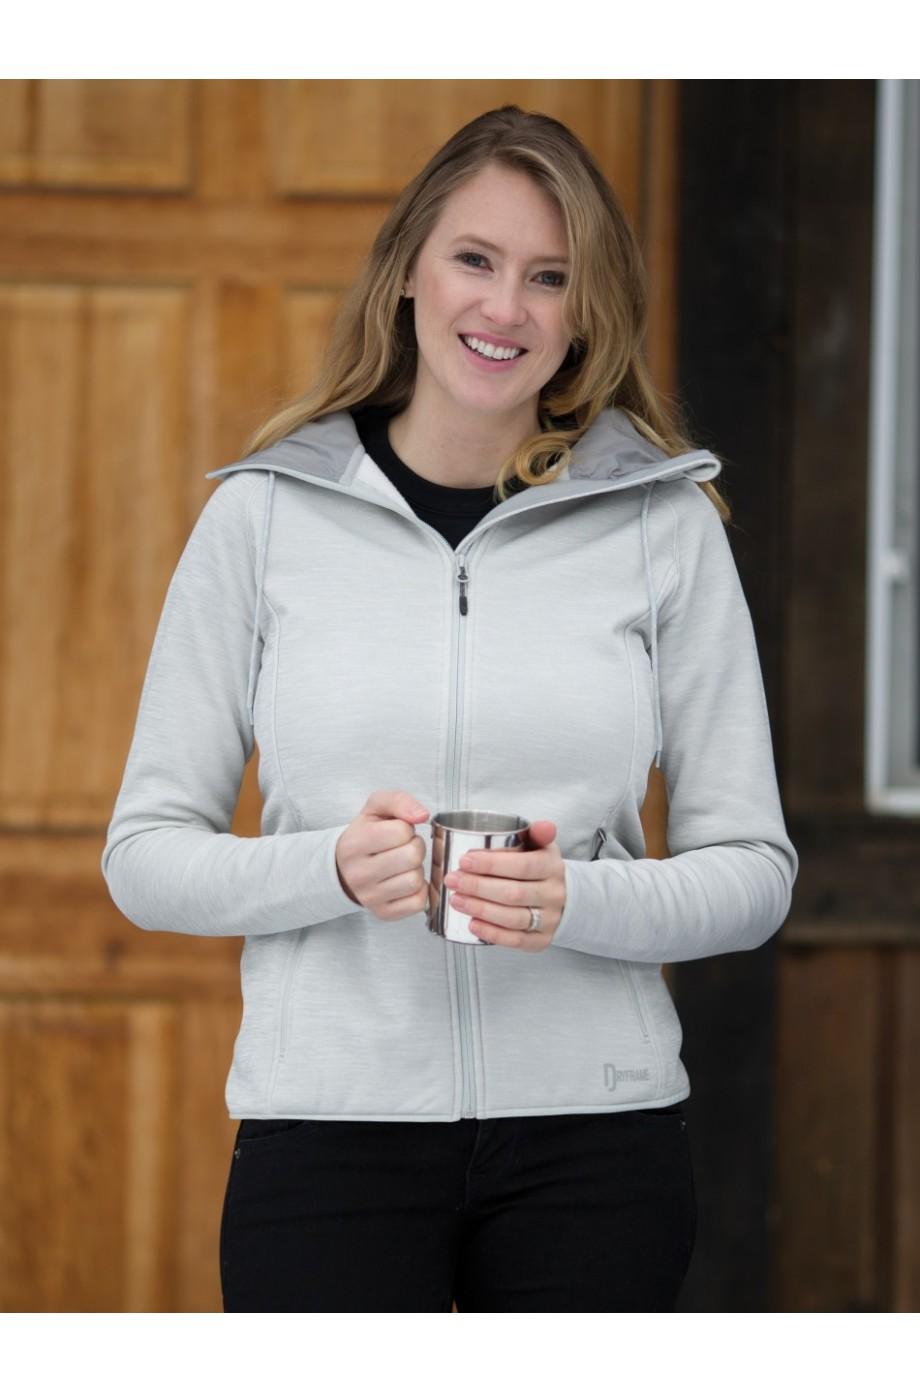 c698bf2fd208 dryframe® dry tech fleece full zip hooded ladies  jacket. df7655l